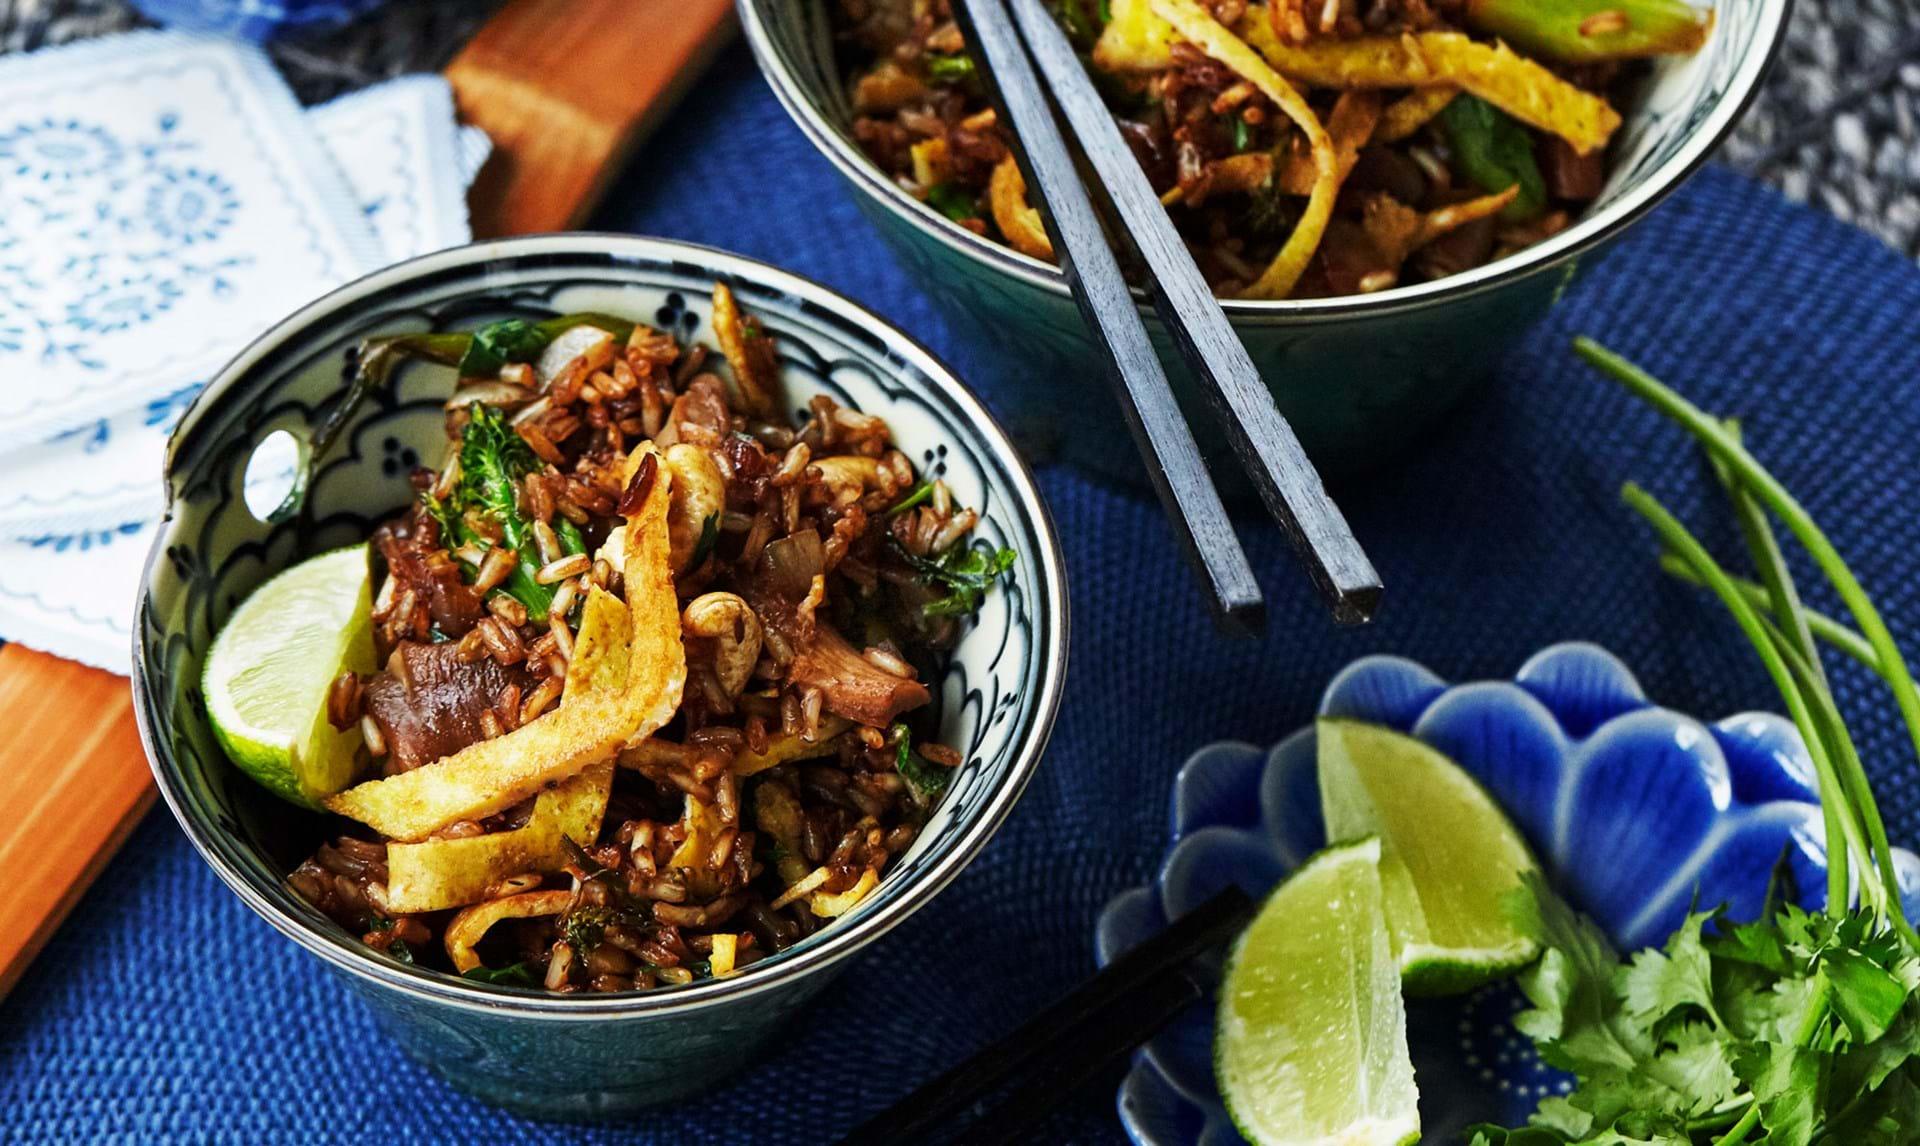 Fried rice: Sådan laver du 3 gode retter med stegte ris